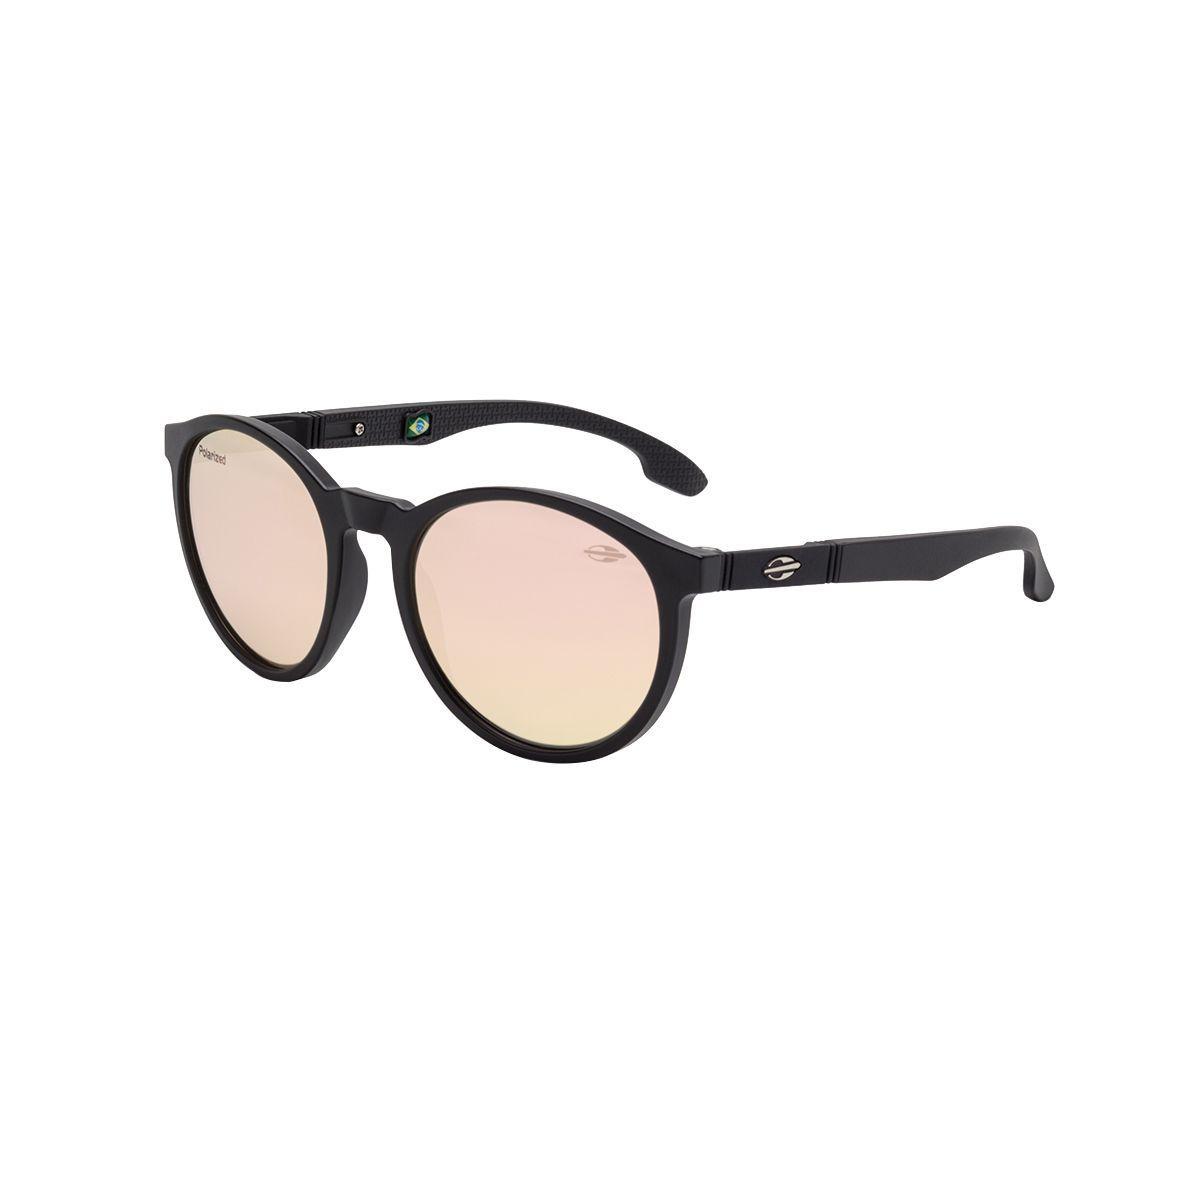 Óculos De Sol Infantil Mormaii Maui Nxt M0072A1446 Preto Rose Gold R   160,90 à vista. Adicionar à sacola 7a0c544730